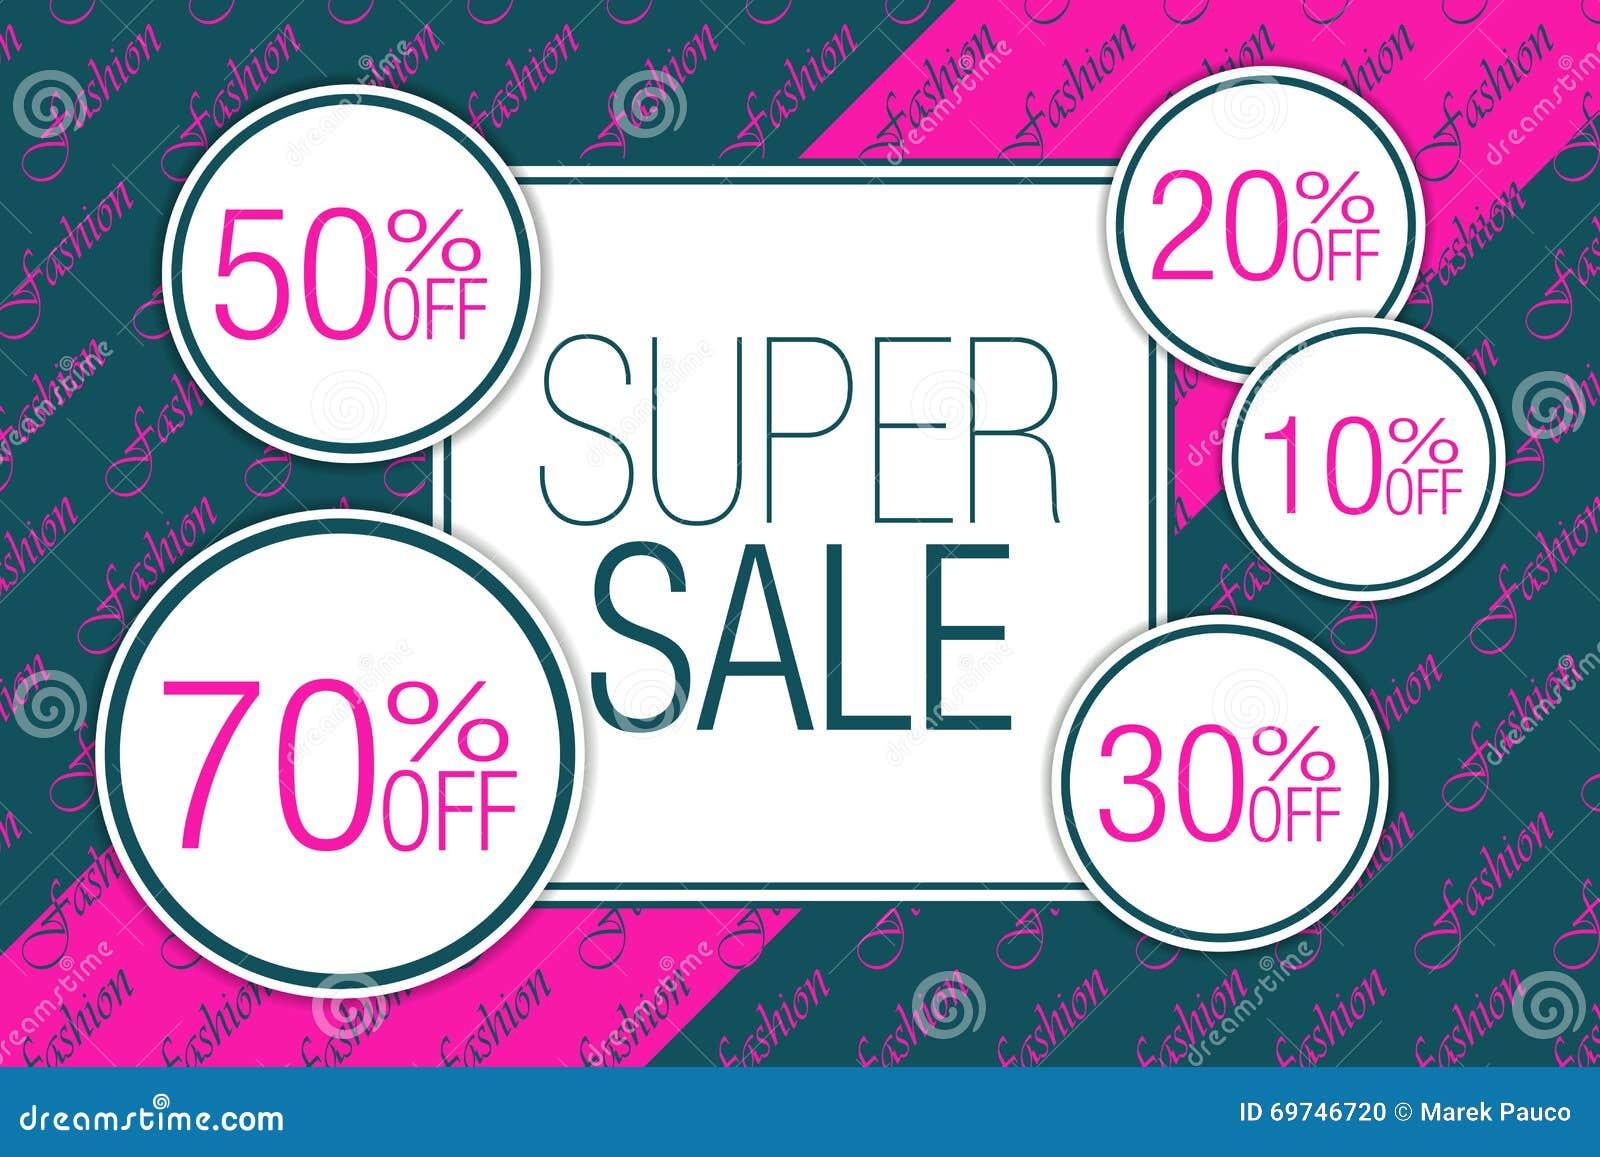 e137ec863f Fashion Super Sale Design Card Stock Vector - Illustration of ...